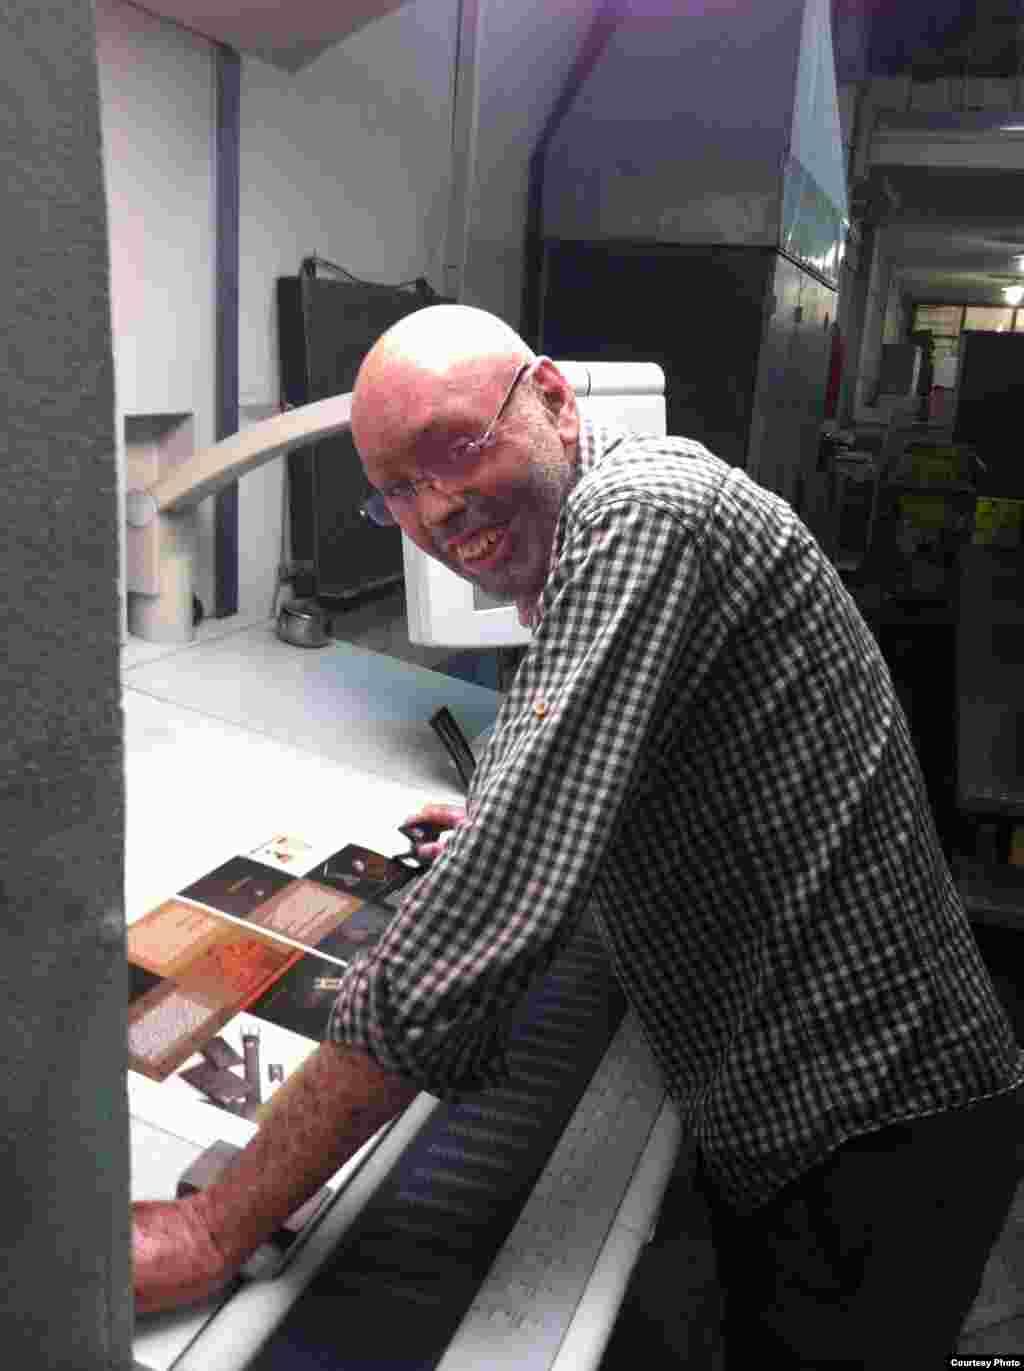 بعد چندین سال فراز و نشیب، حالا کاوه ناظر فنی چاپ است. میگوید که اوضاع بهتر شده و مشاوران خوبی هم پیدا کرده است.